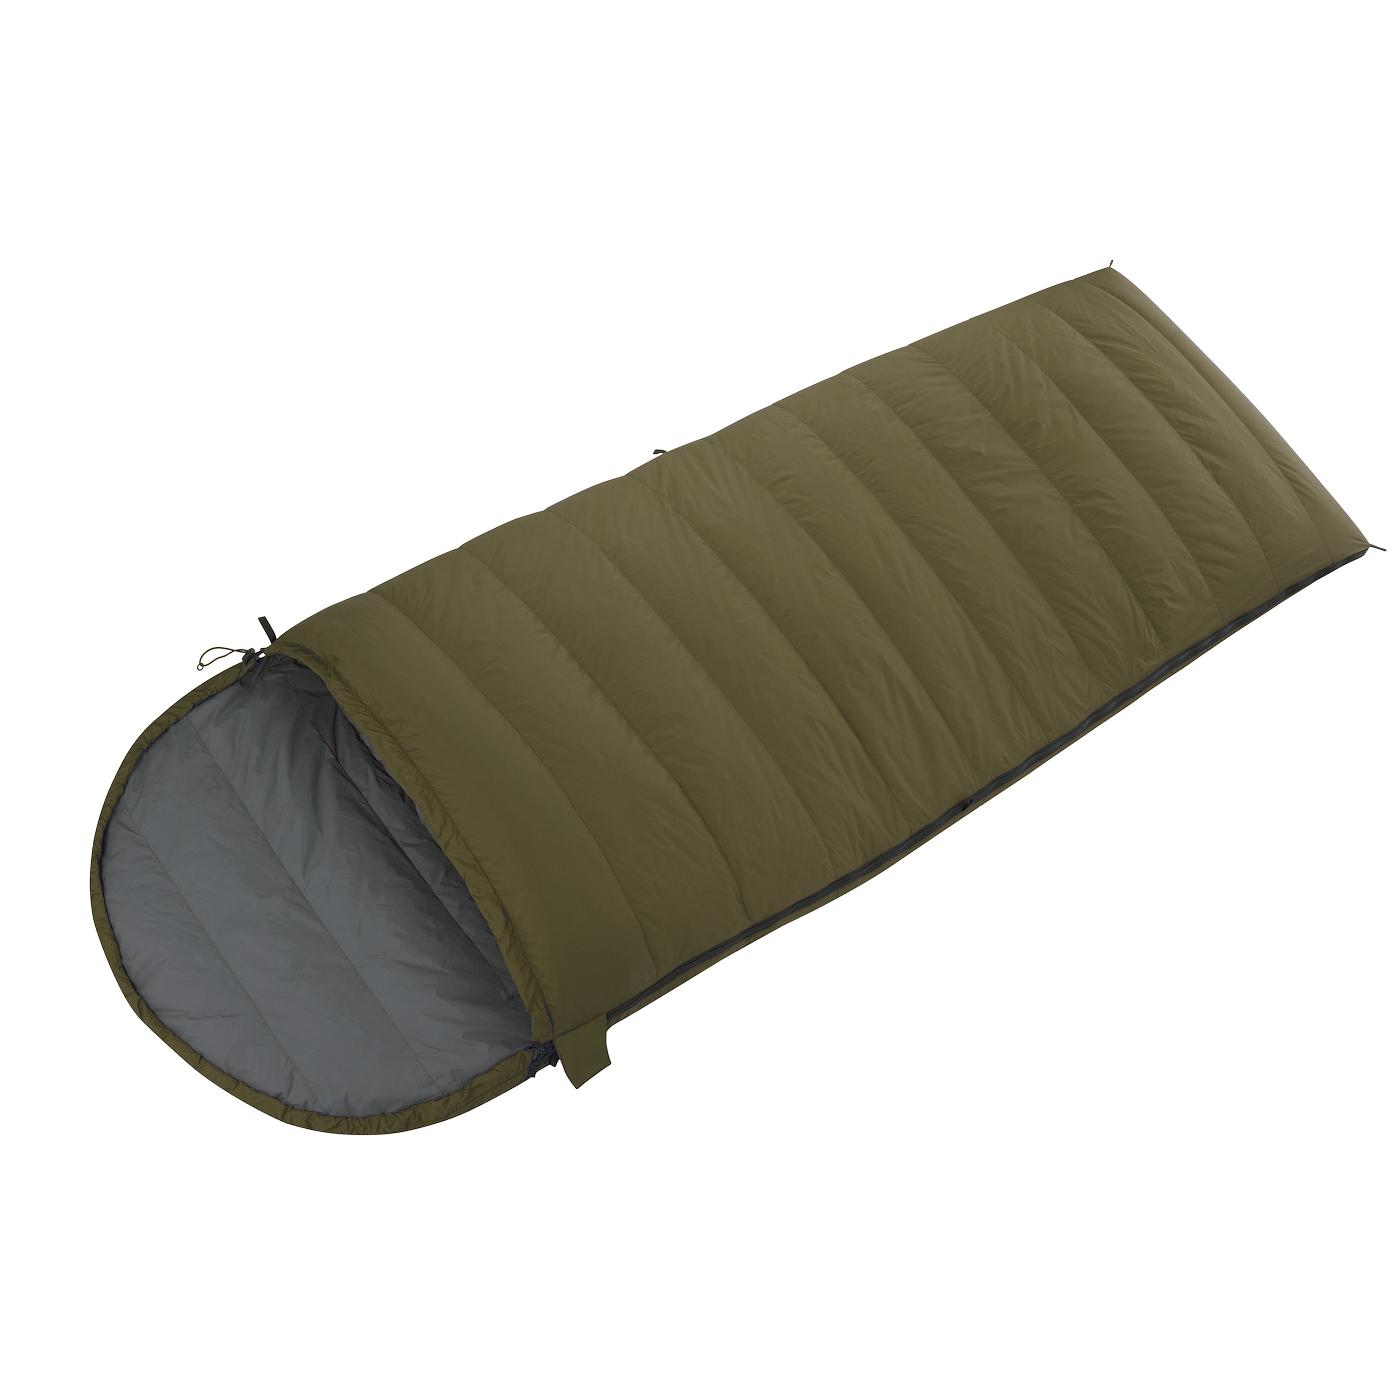 Спальный мешок BASK BLANKET PRO M -28 LEFT хаки/темно-серый, Кемпинговые (Лето) спальники - арт. 853710372